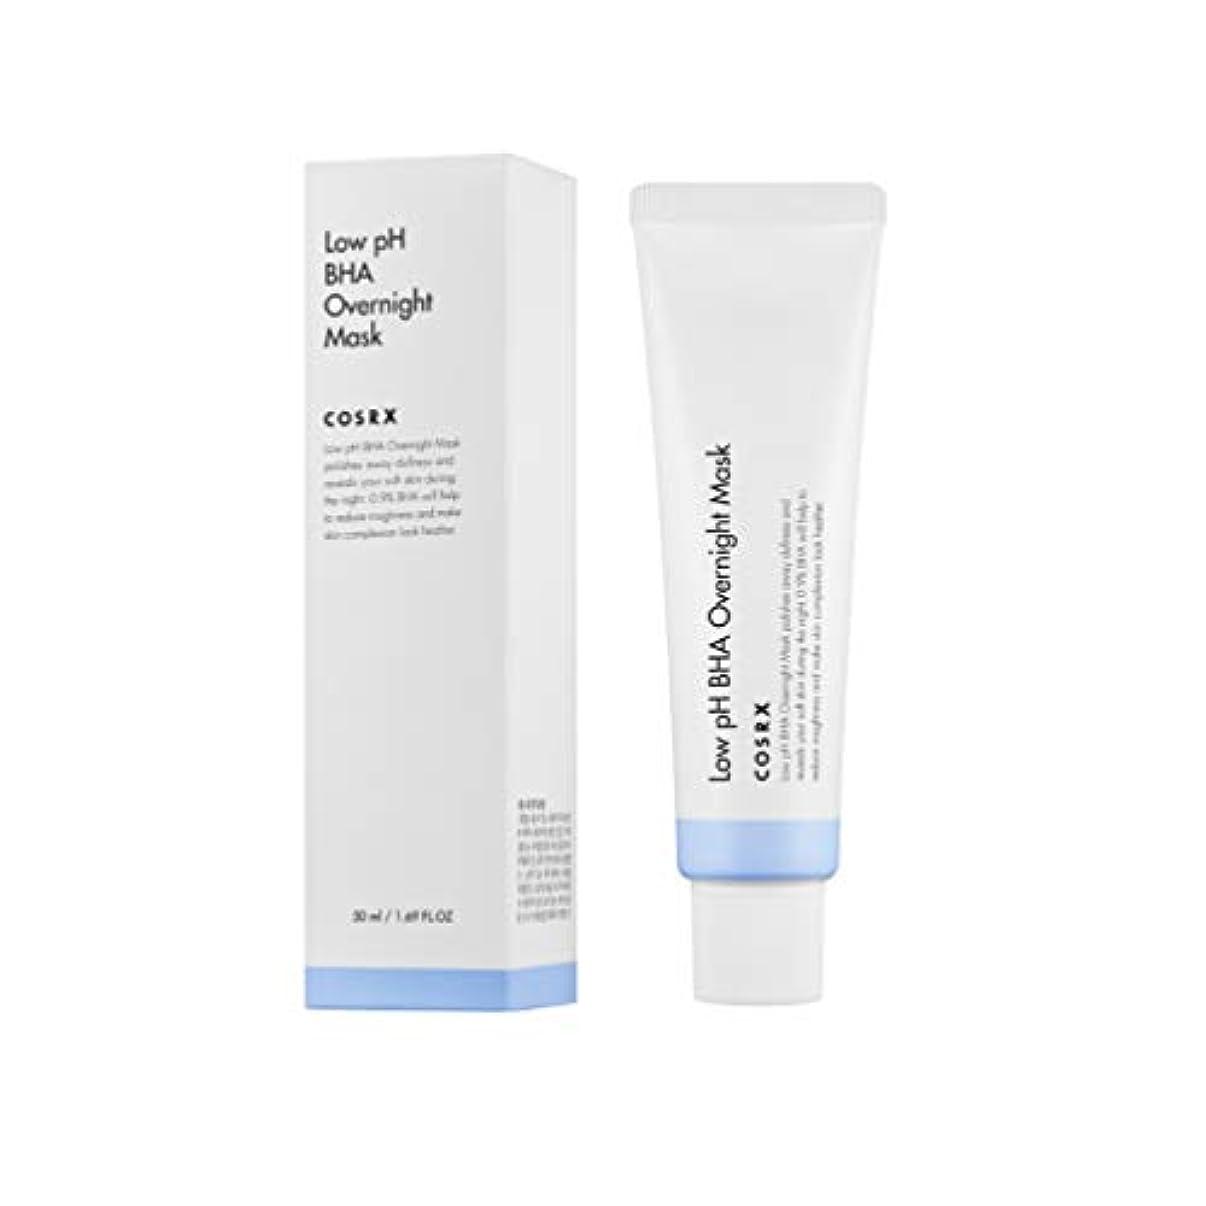 にじみ出る植生温帯COSRX 弱酸性 BHA オーバーナイト マスク / Low pH BHA Overnight Mask (50ml) [並行輸入品]